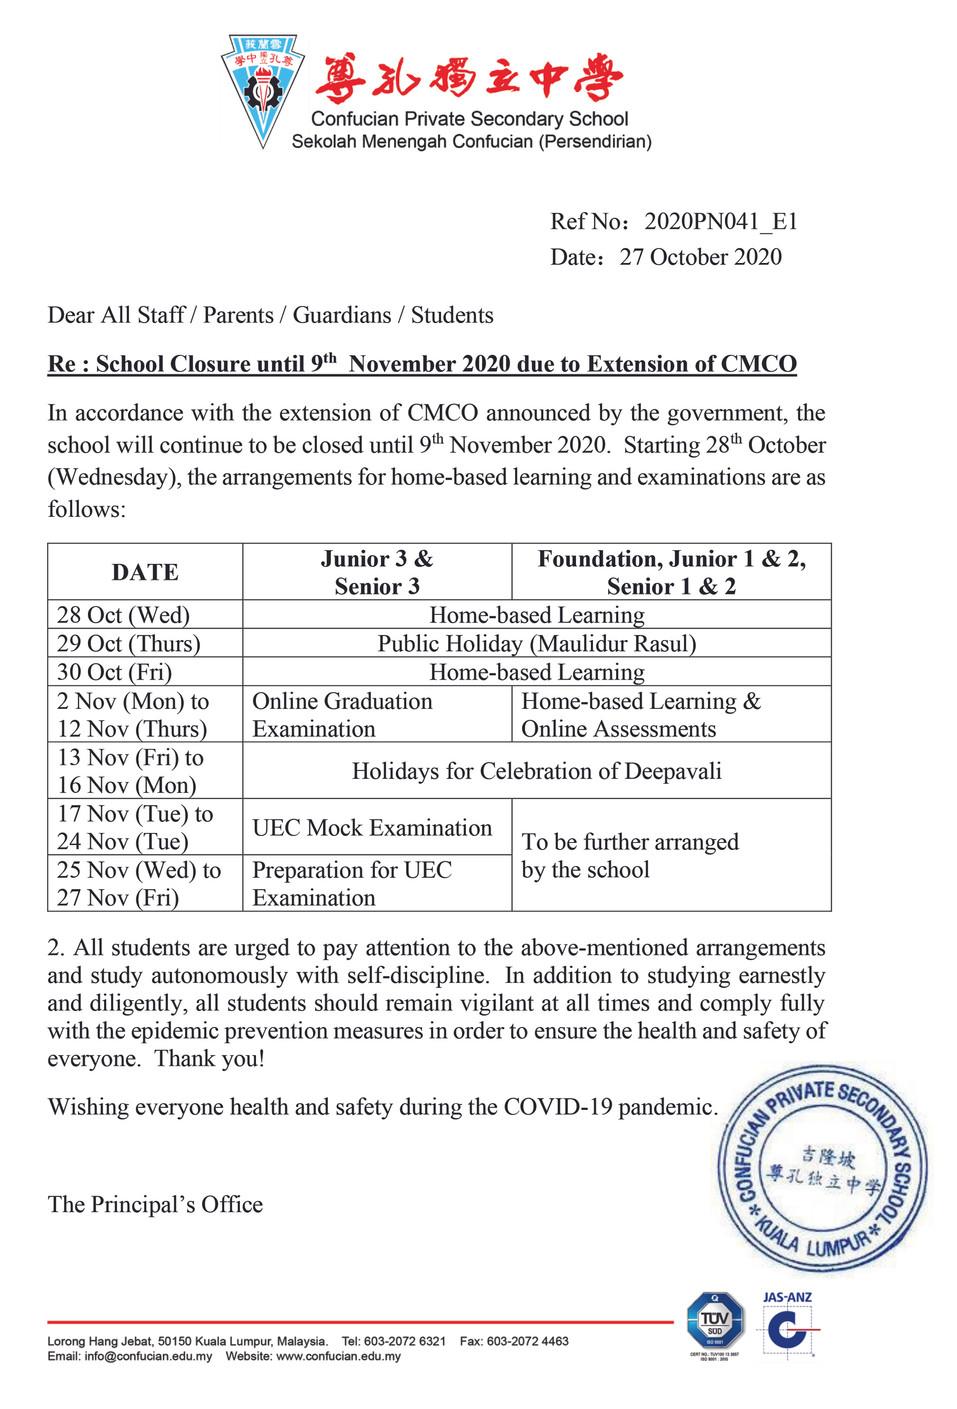 CMCO School Closure until 9th November